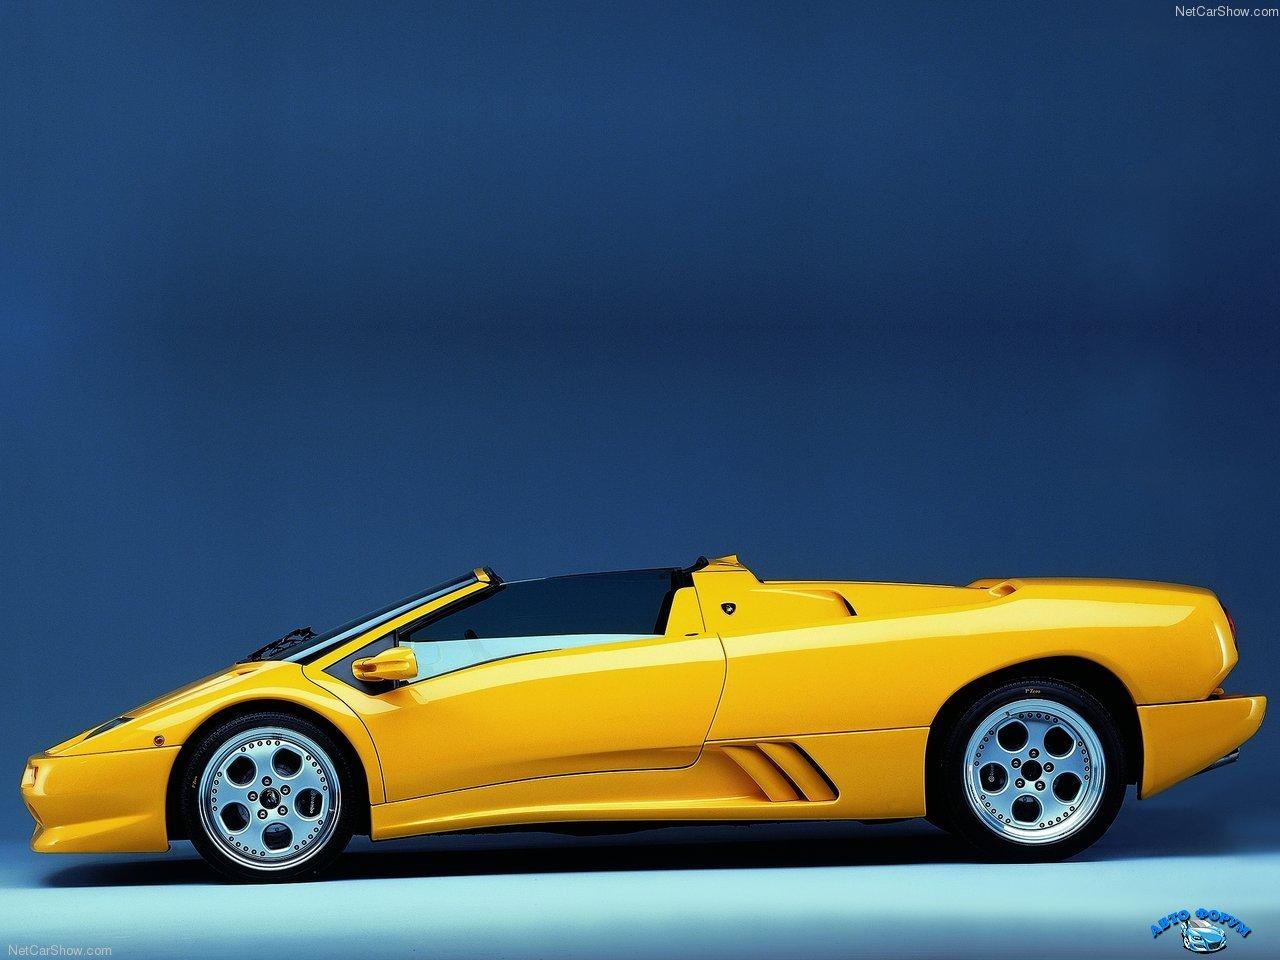 Lamborghini-Diablo_Roadster_1996_1280x960_wallpaper_03.jpg